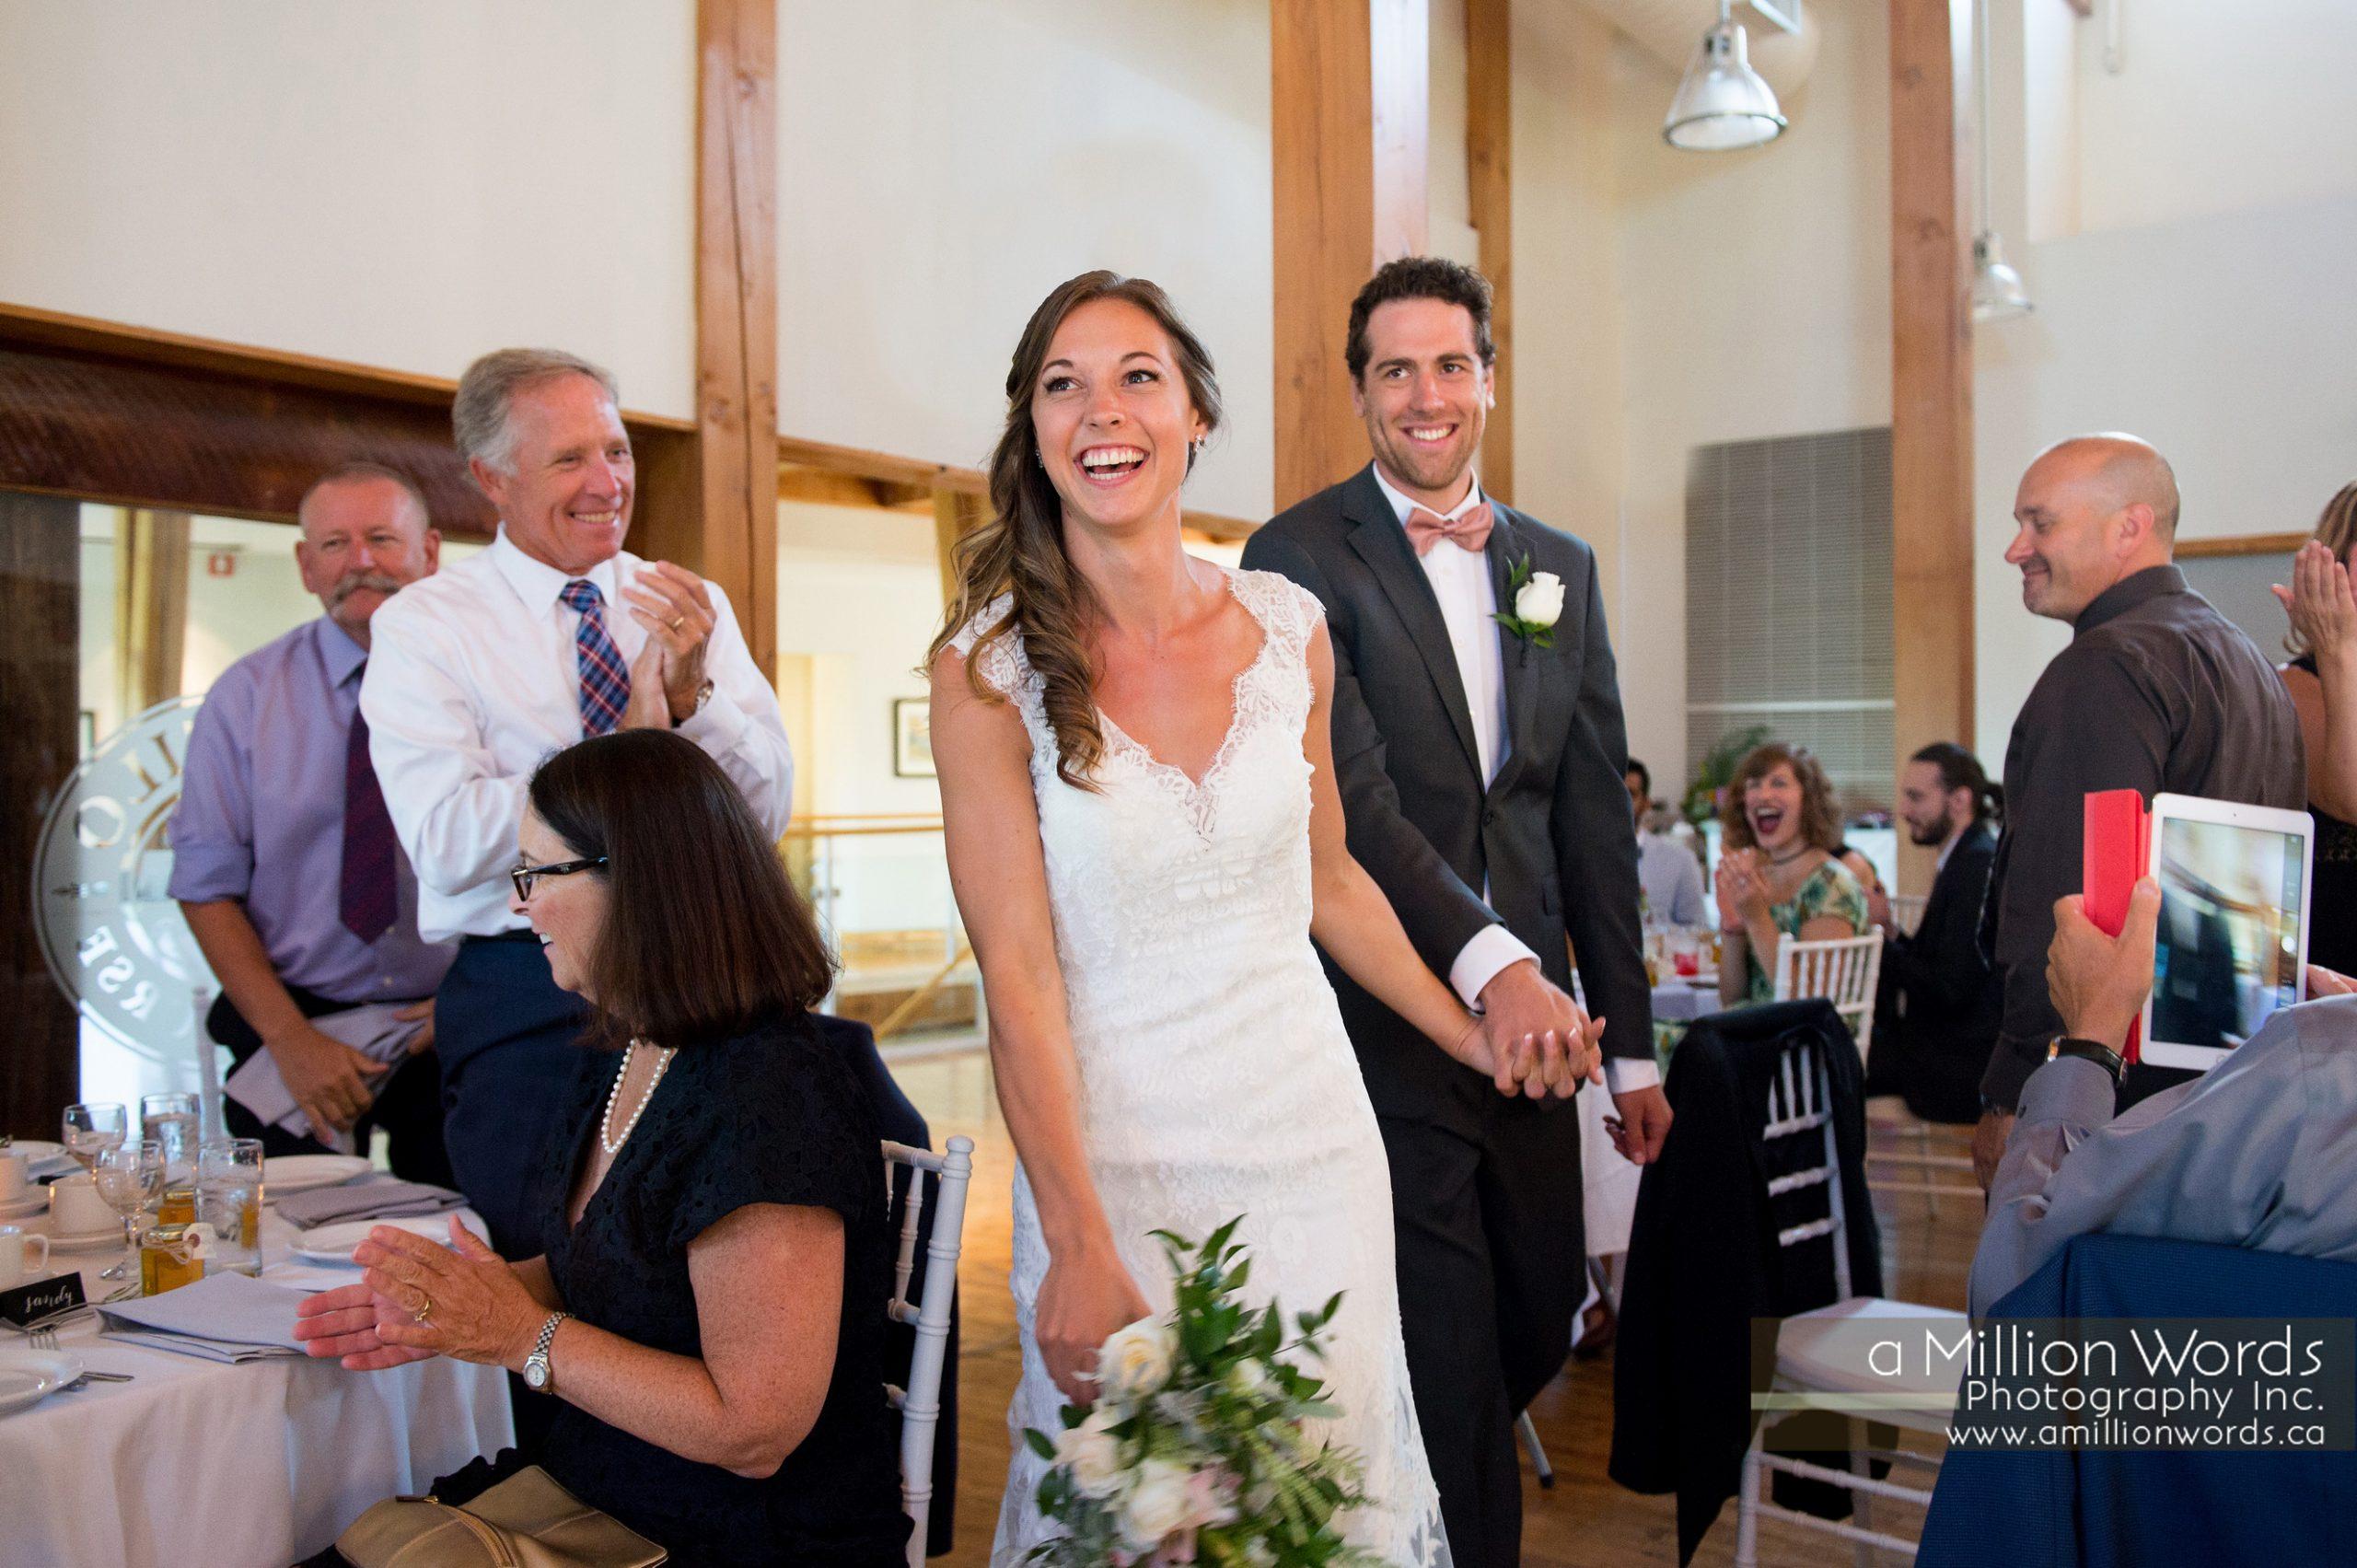 kw_wedding_photography44